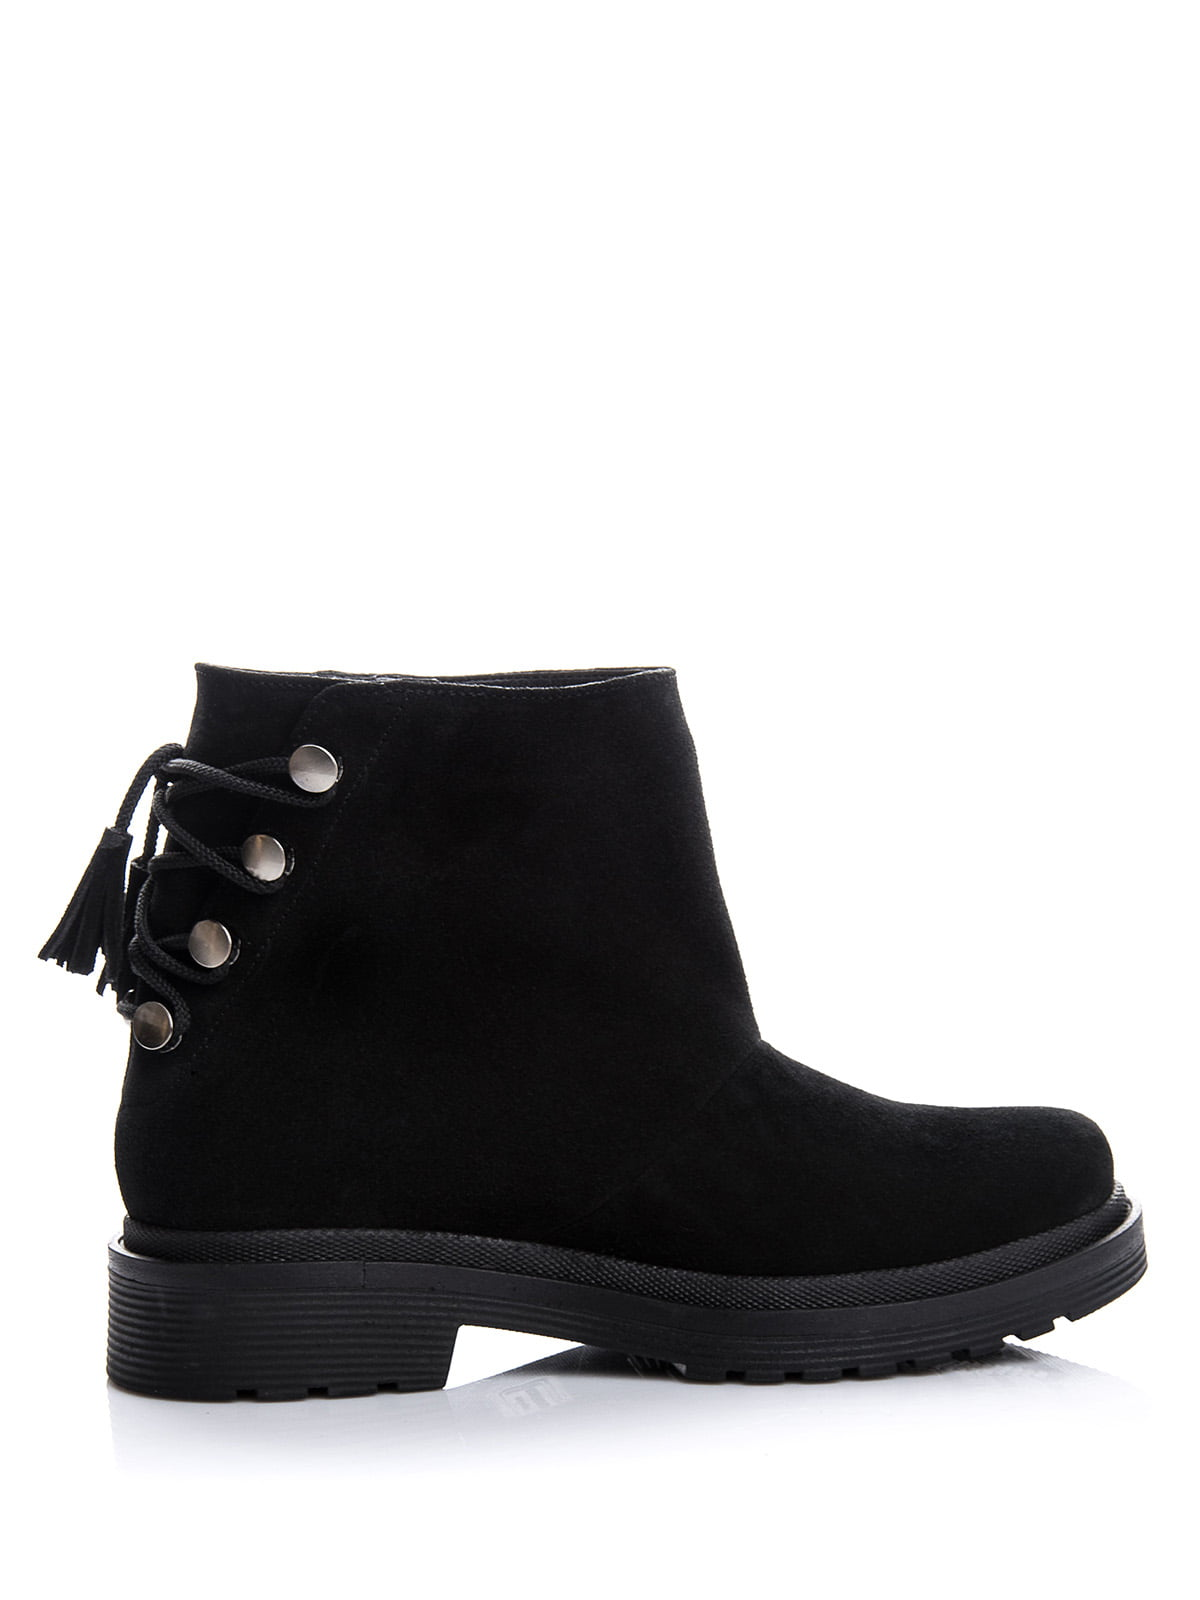 Ботинки черные | 4643291 | фото 4